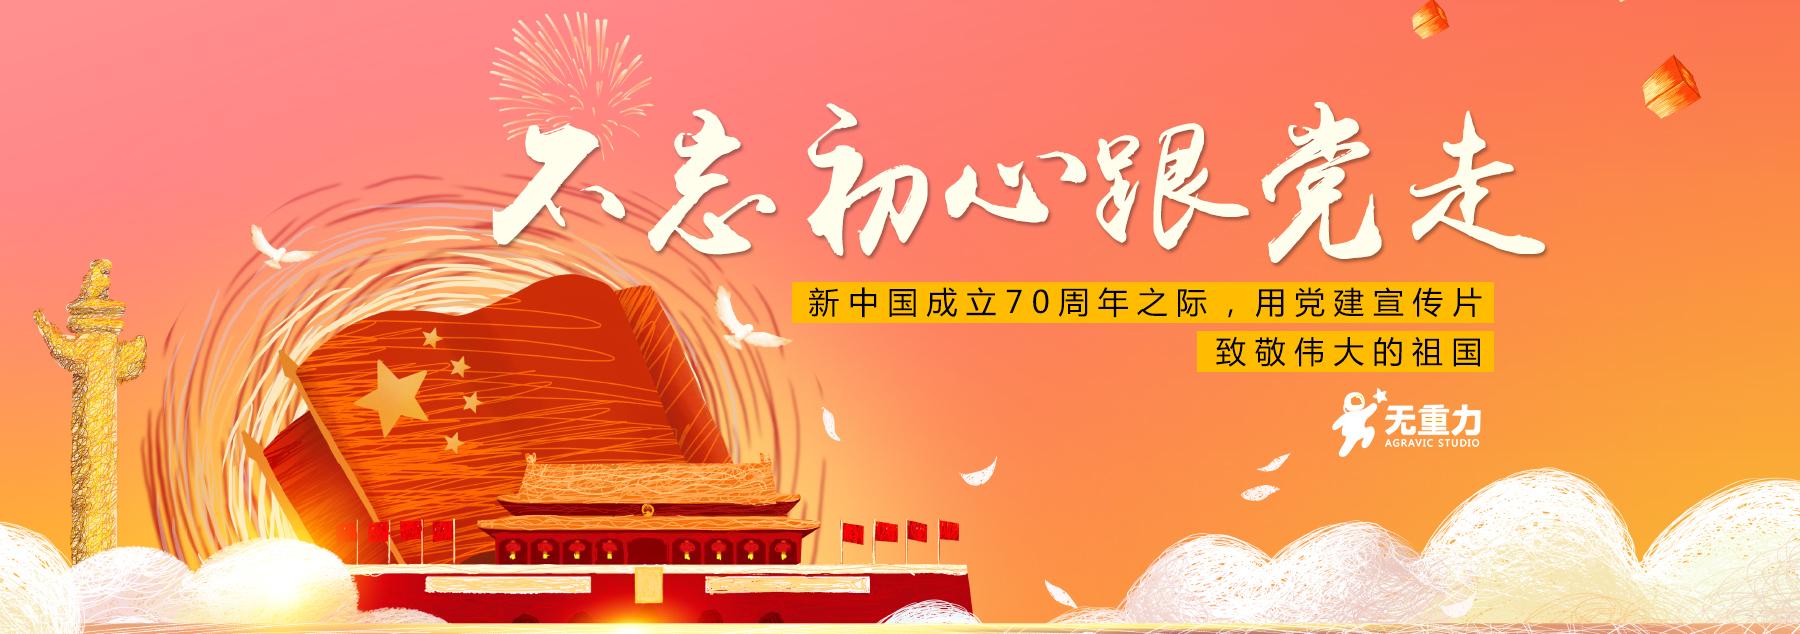 济南宣传片banner图二